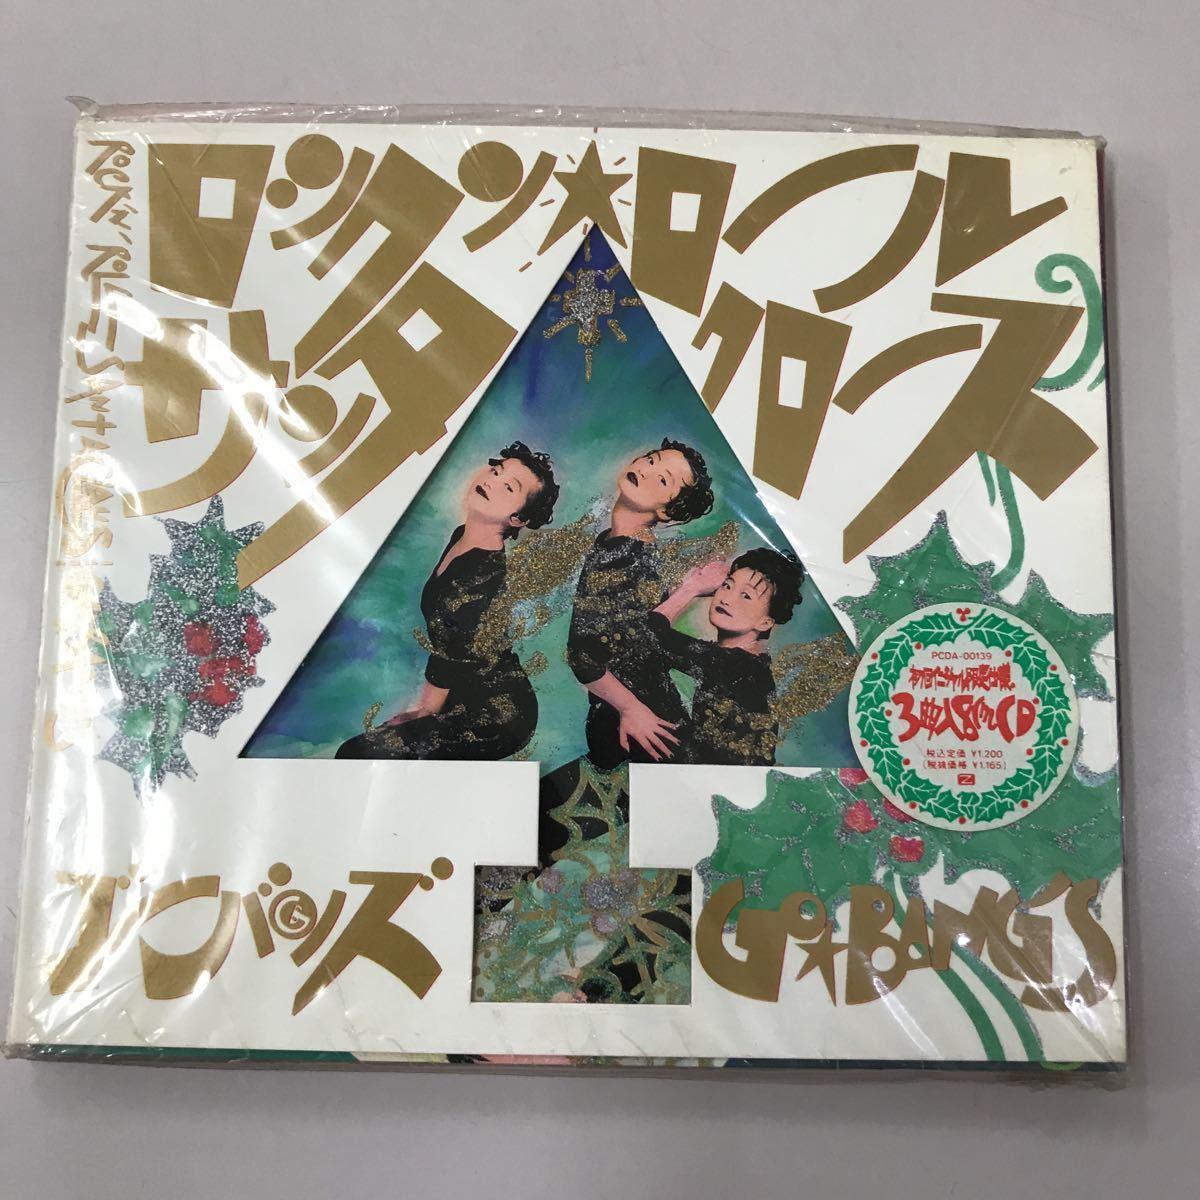 CD 中古☆【邦楽】8センチCD ゴーバンズ ロックン・ロール サンタクロース